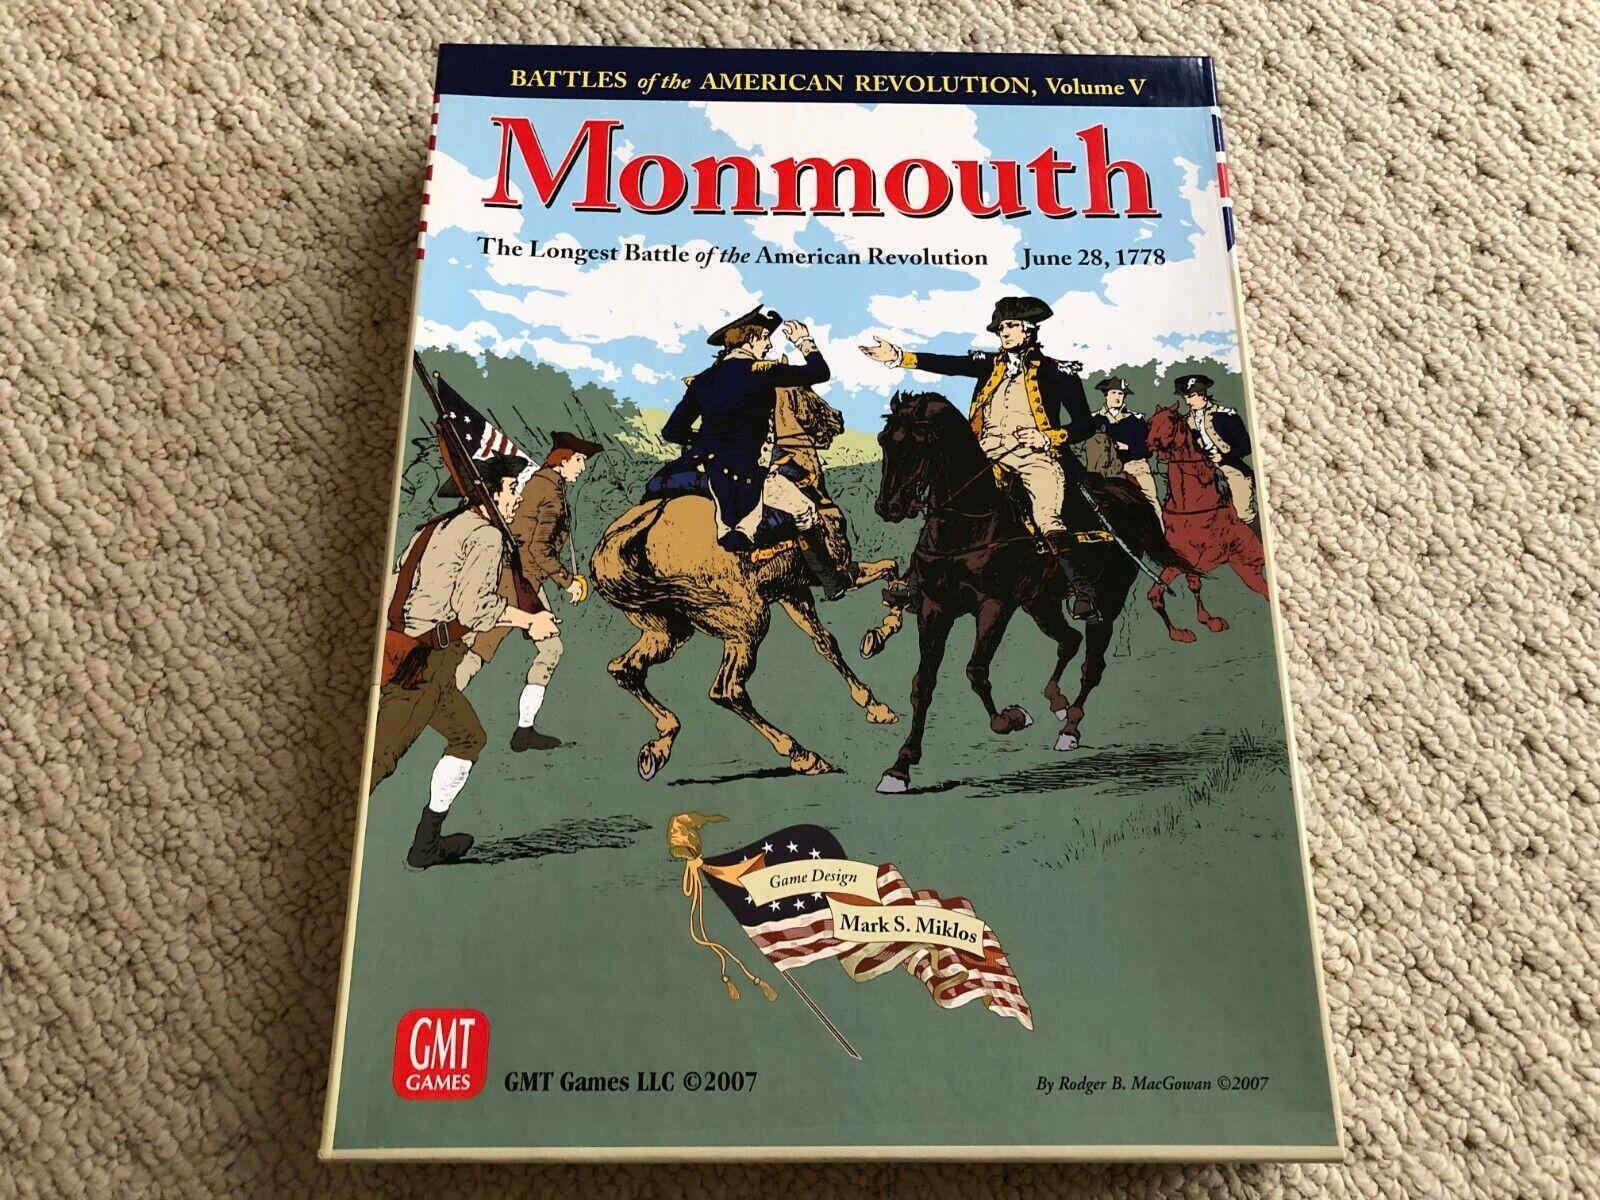 Monmouth, den längsta striden av den amerikanska revolutionen GMT spel 2007.